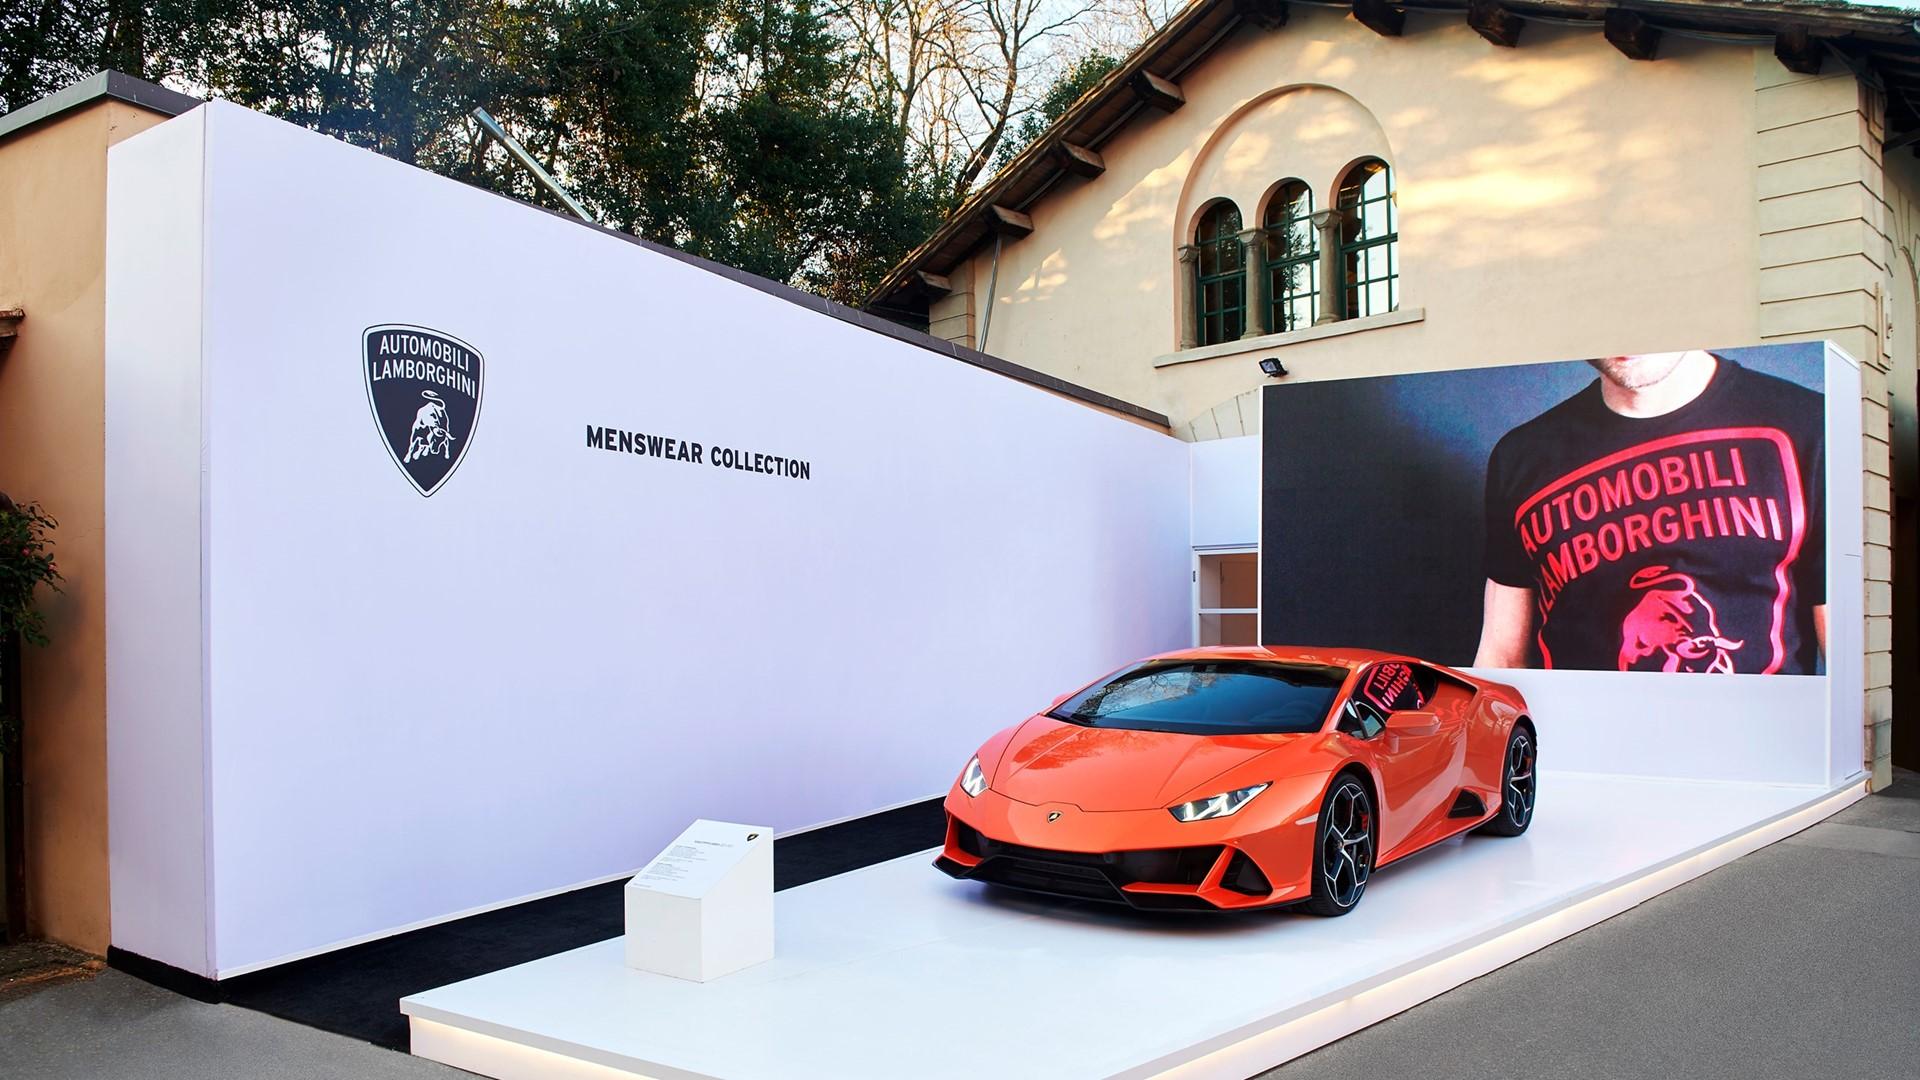 Automobili Lamborghini Menswear Collection Fall Winter 2020 – 2021 at PITTI Uomo 97 - Image 1